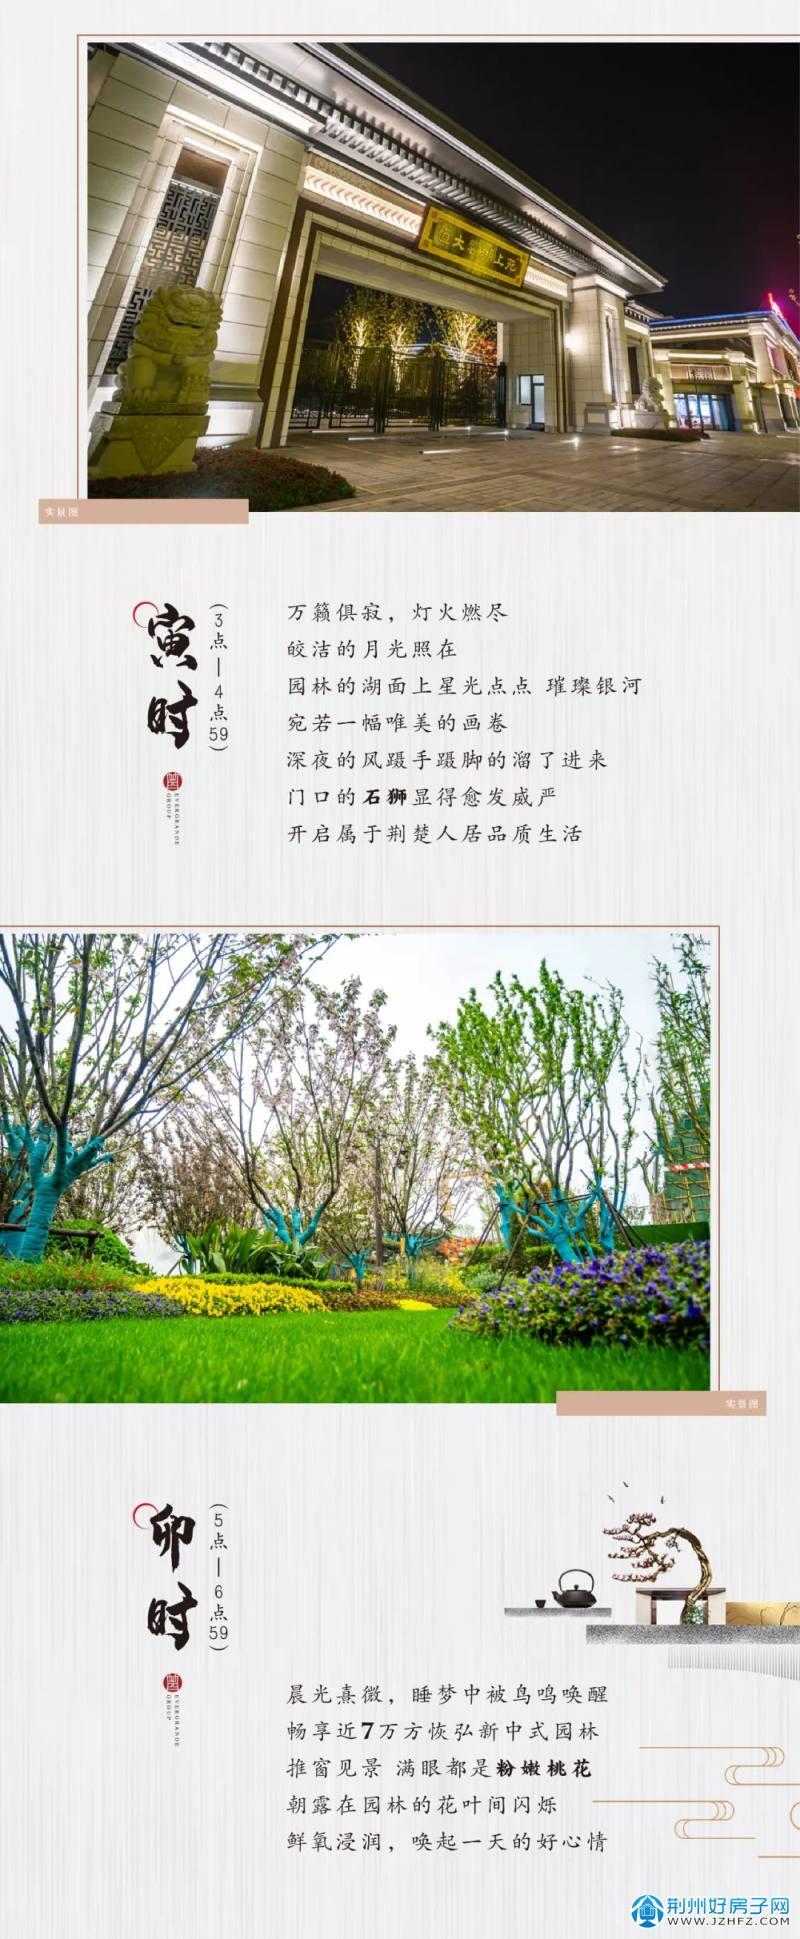 恒大云湖上苑园林